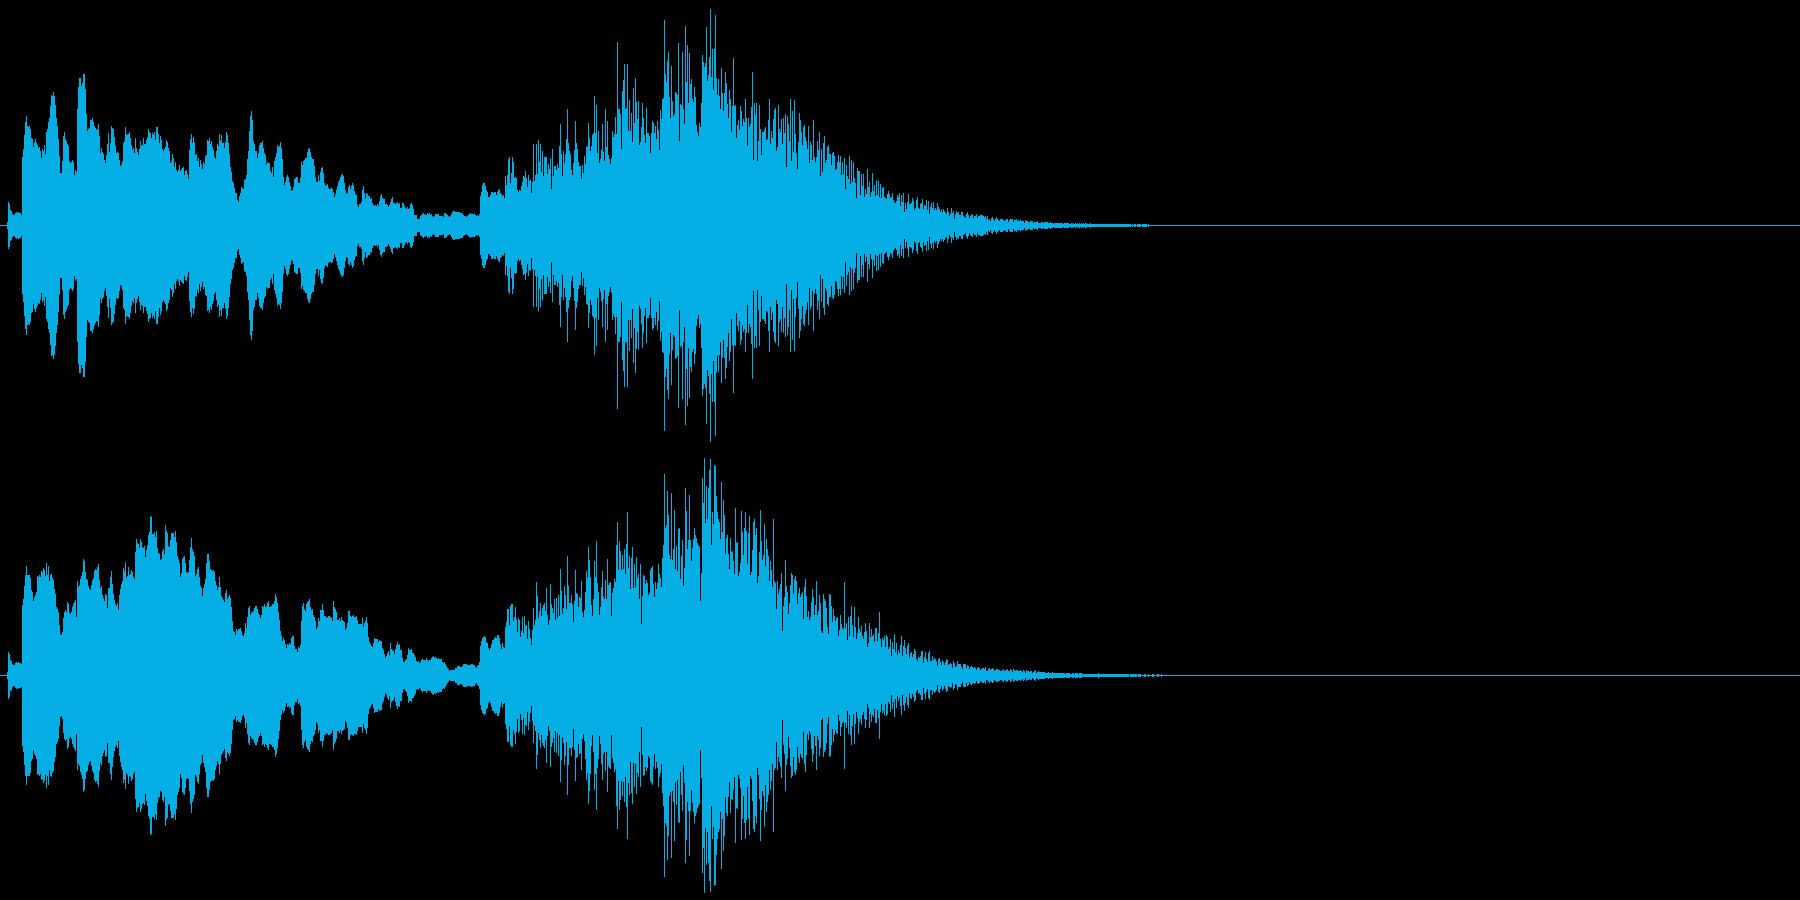 よく聞く箏(琴)のフレーズの再生済みの波形